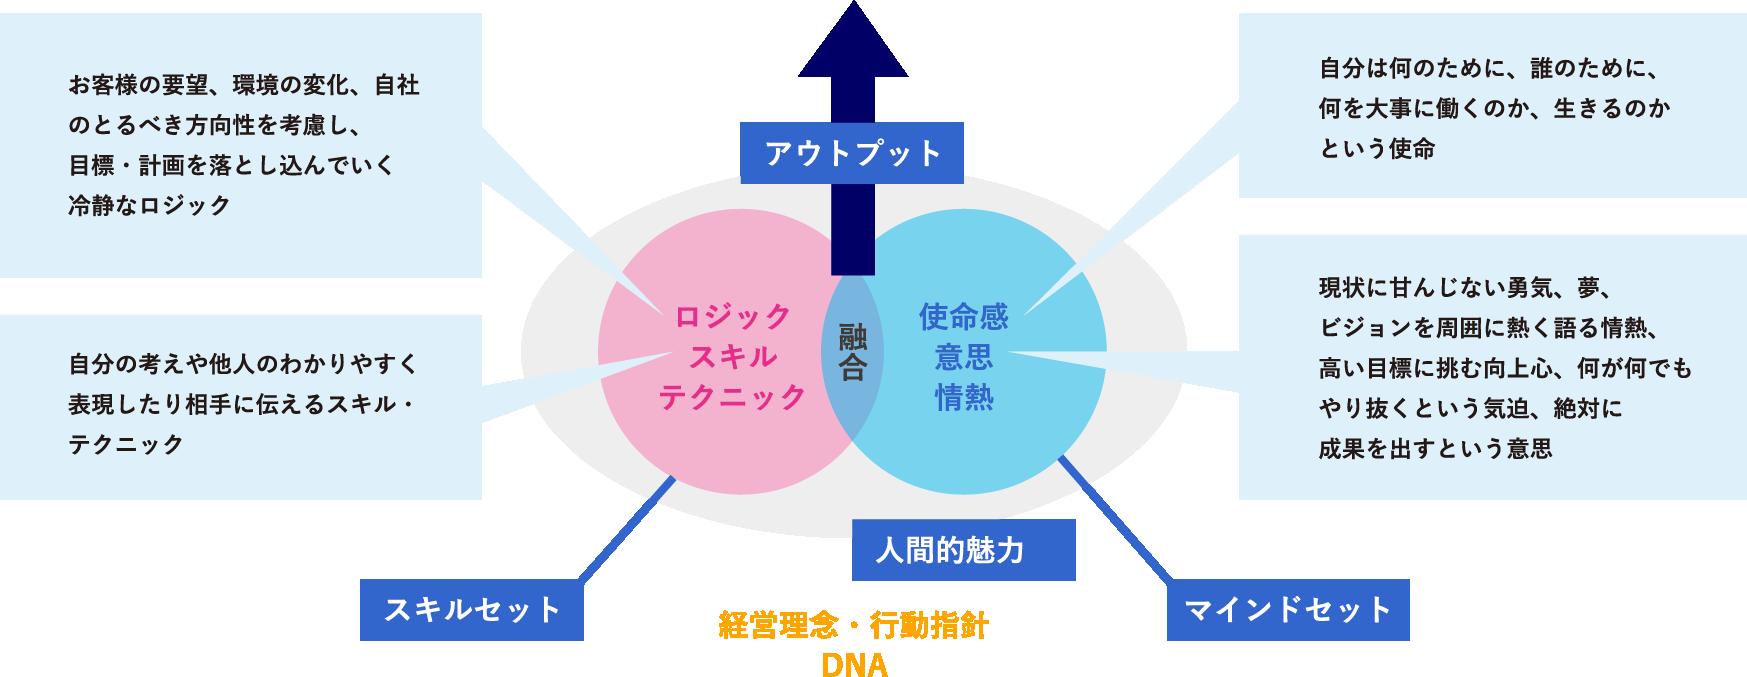 ヒューマンスキルとコンセプチュアルスキルに重きをおいたスキル強化